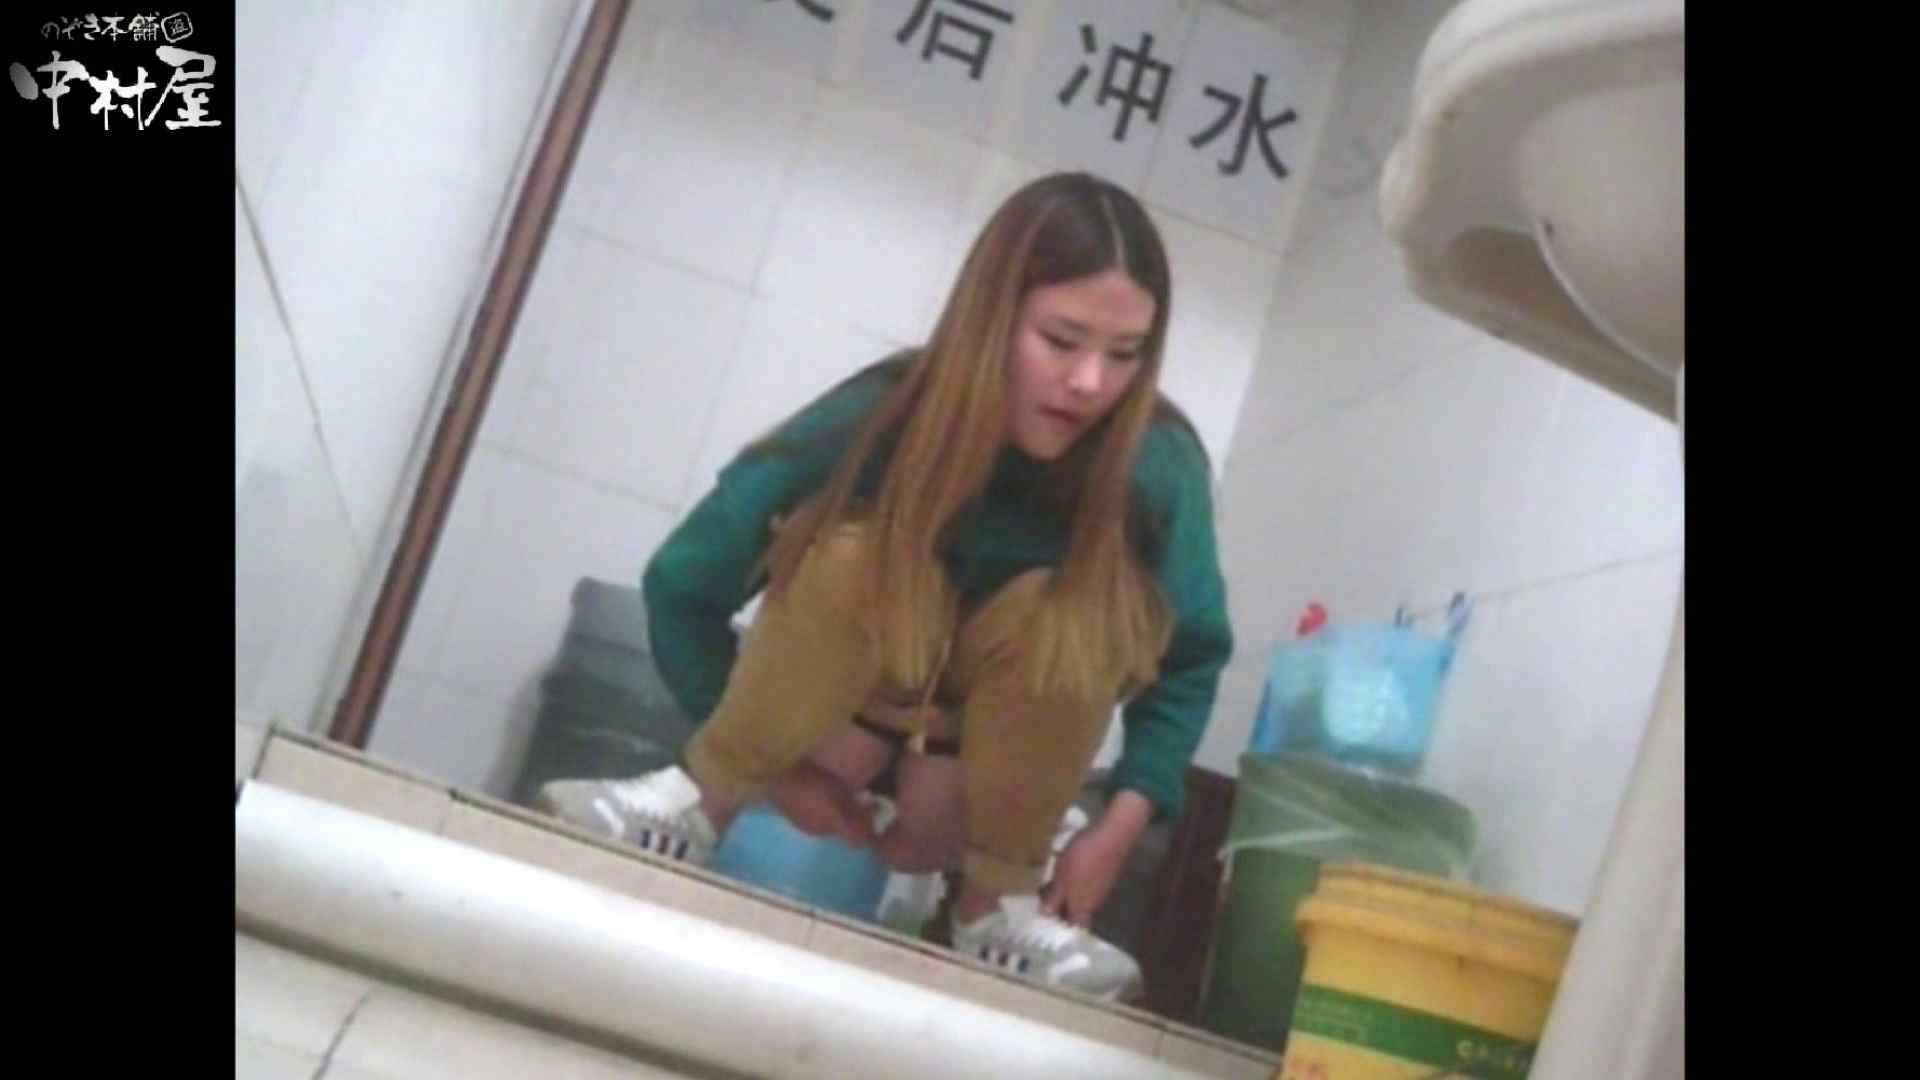 李さんの盗撮日記 Vol.15 トイレ | ギャルのエロ動画 盗撮 78PIX 69